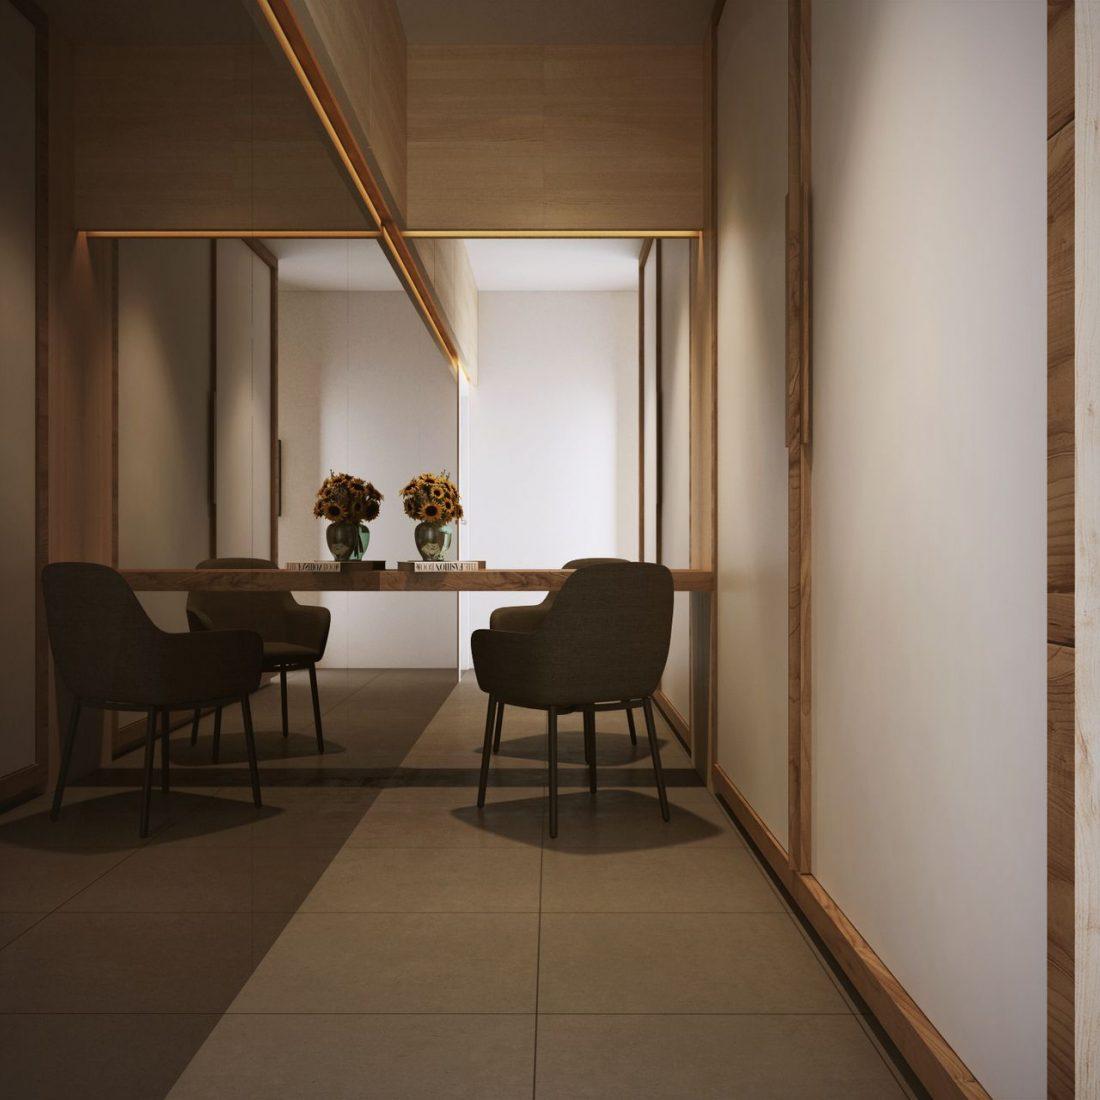 Interior Design SA65 Simpang Ampat Penang Malaysia Bedroom Design 1 v1